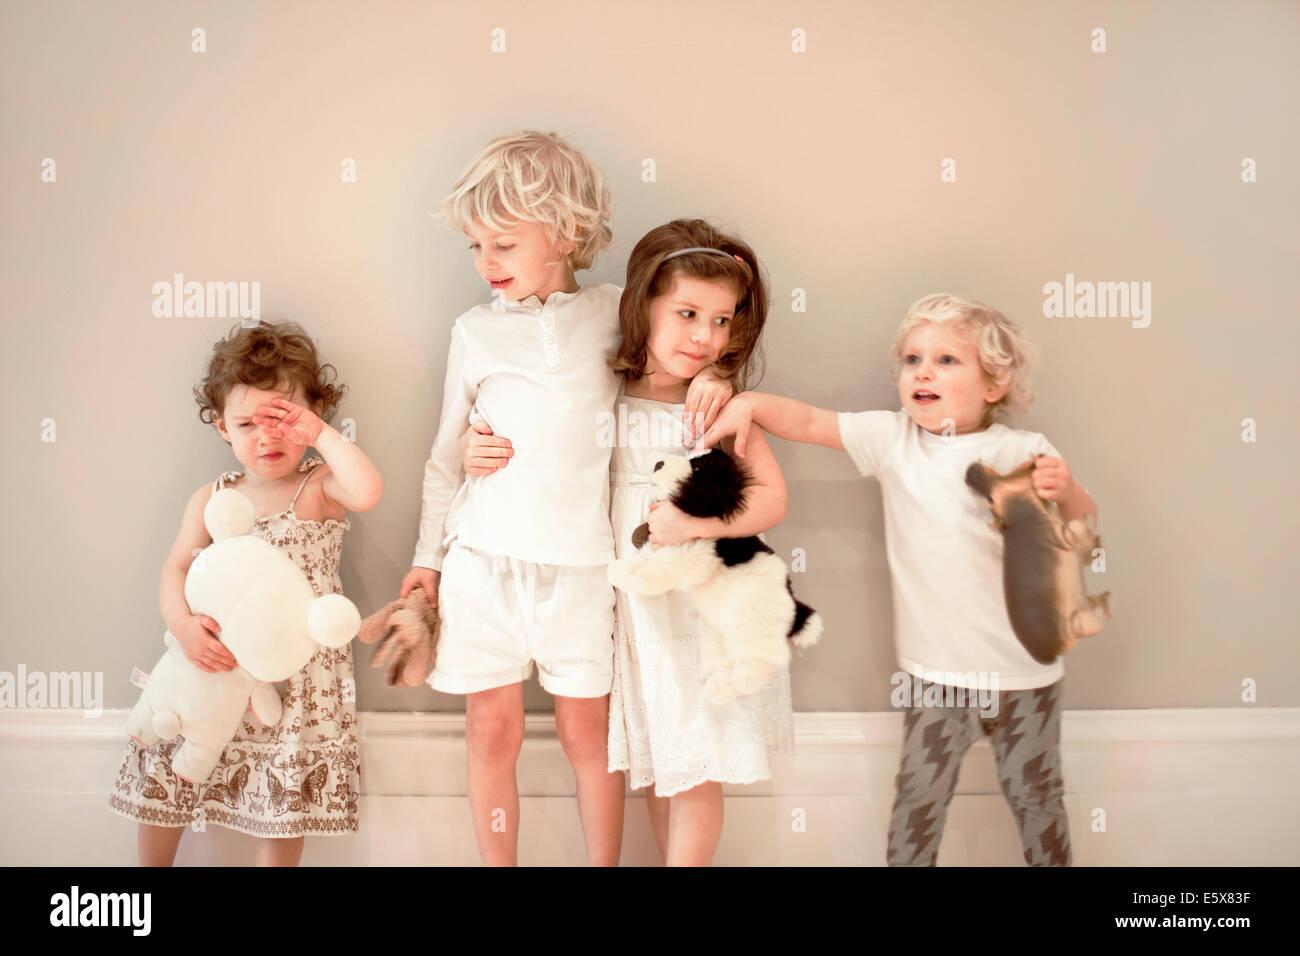 Porträt von vier kleinen Kindern in einer Reihe, man weint Stockbild